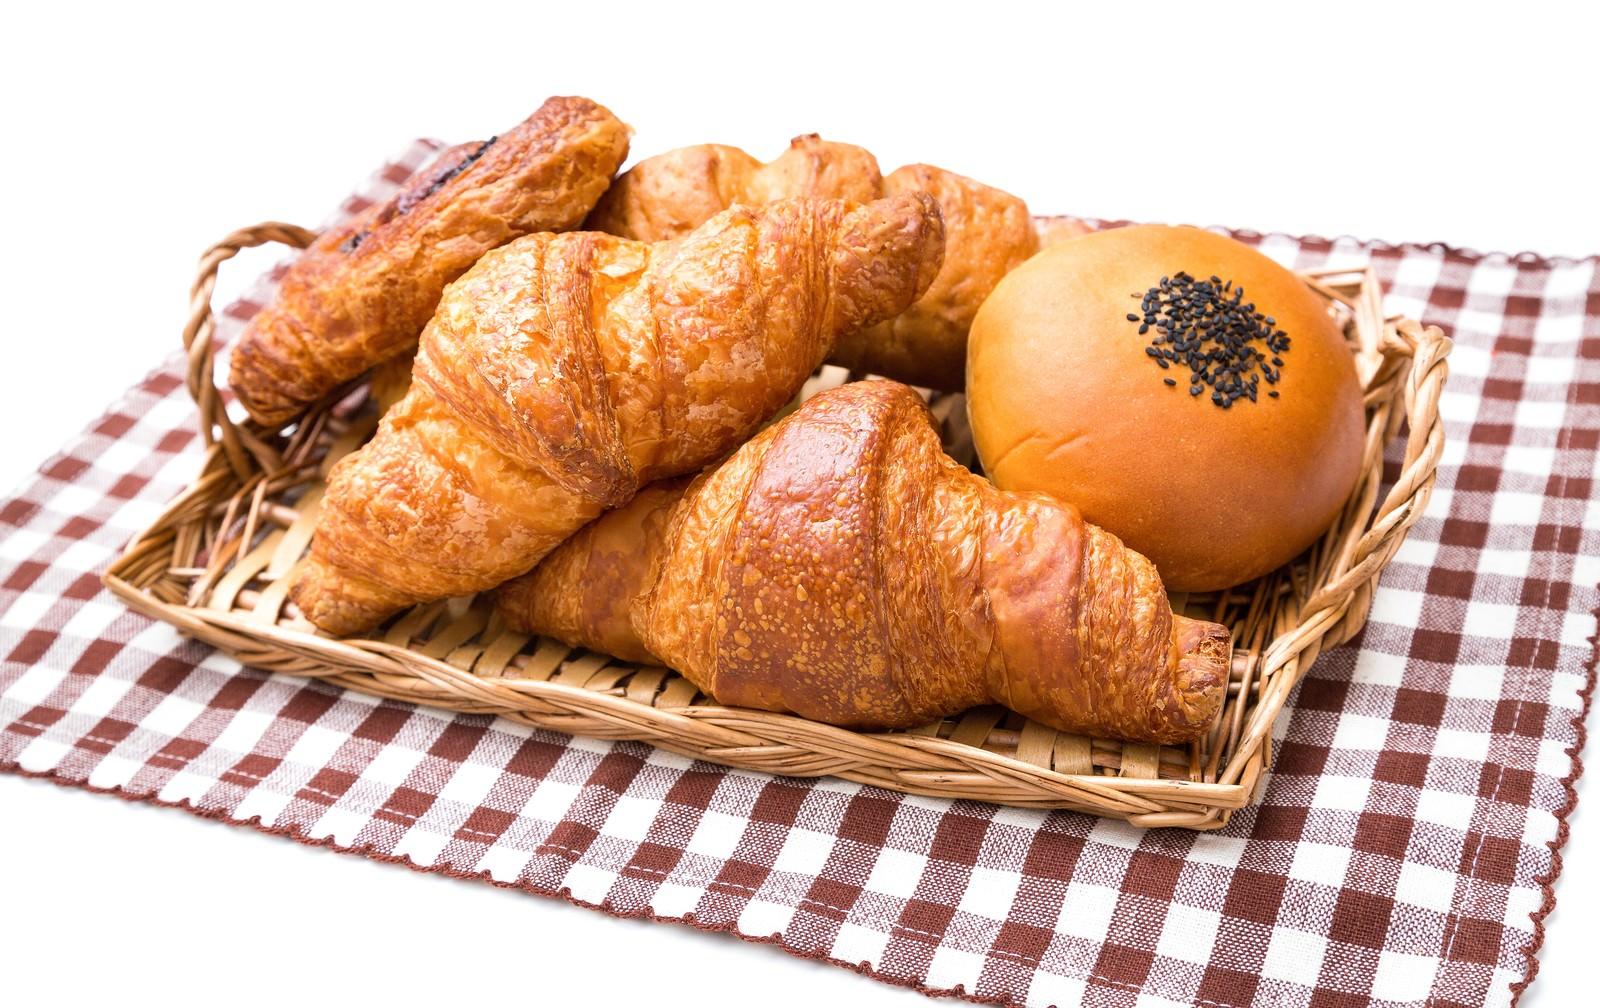 「バスケットに山盛りのパン(クロワッサンなど)バスケットに山盛りのパン(クロワッサンなど)」のフリー写真素材を拡大